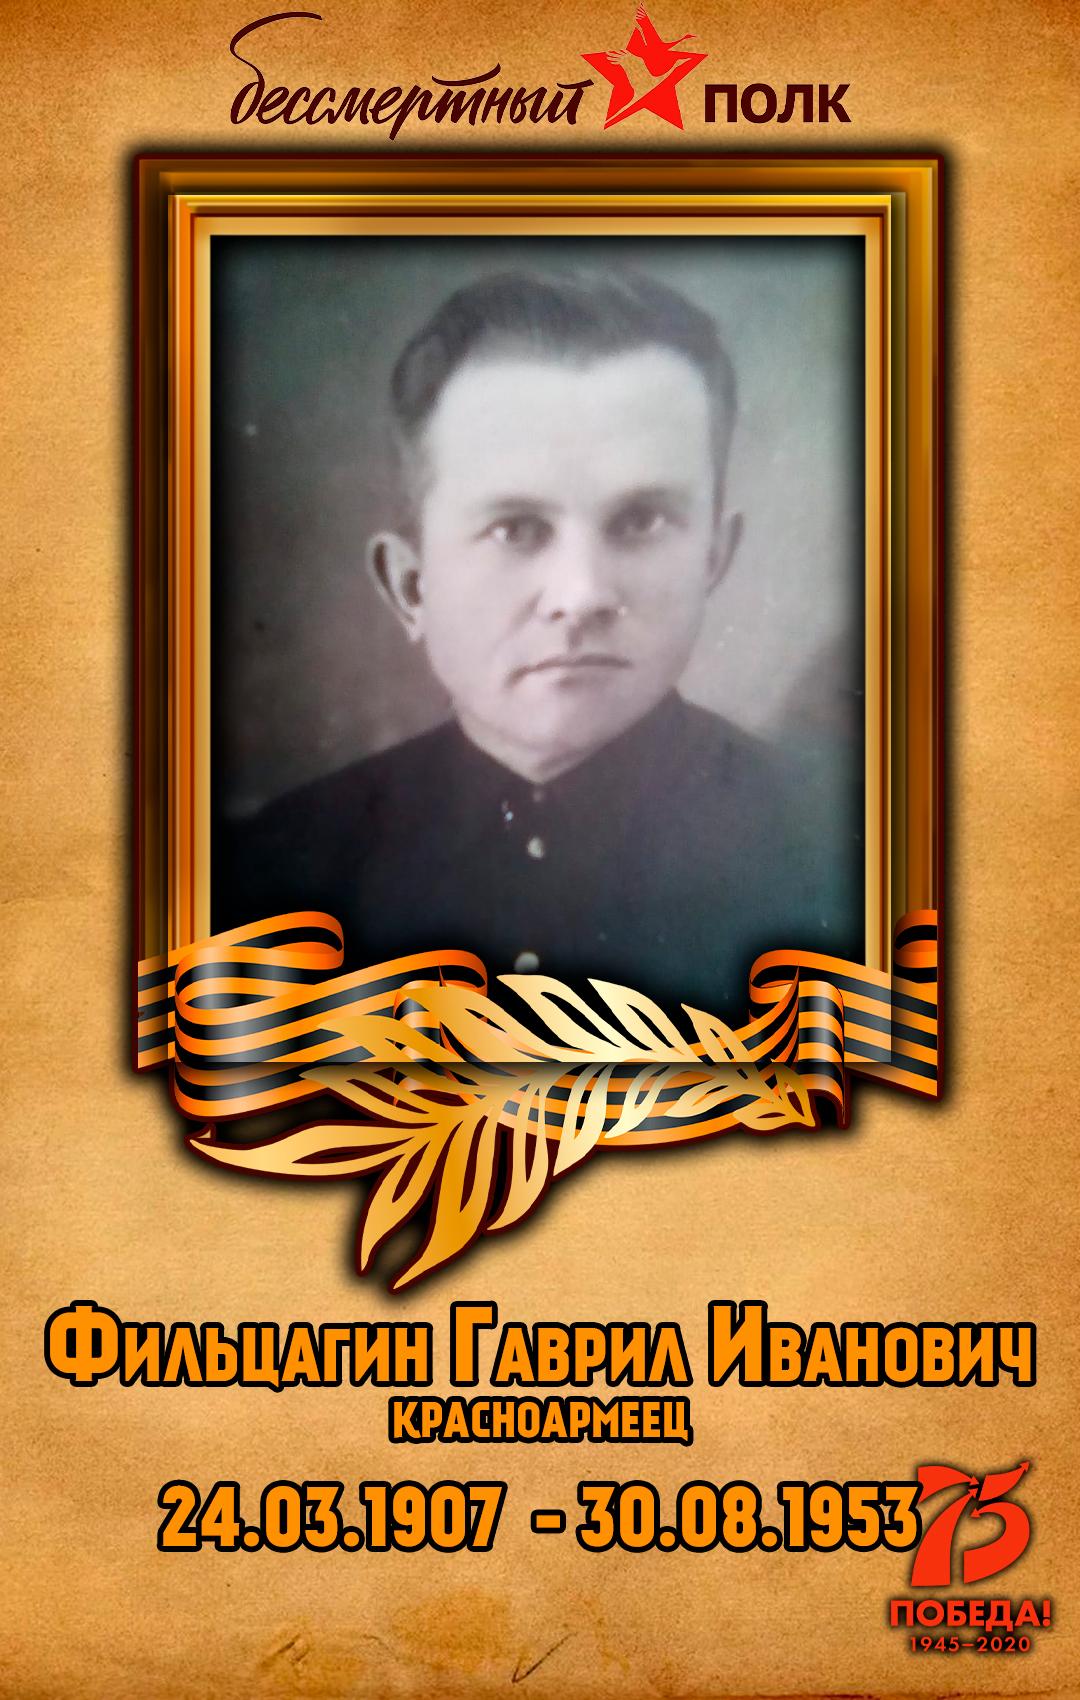 Фильцагин-Гаврил-Иванович